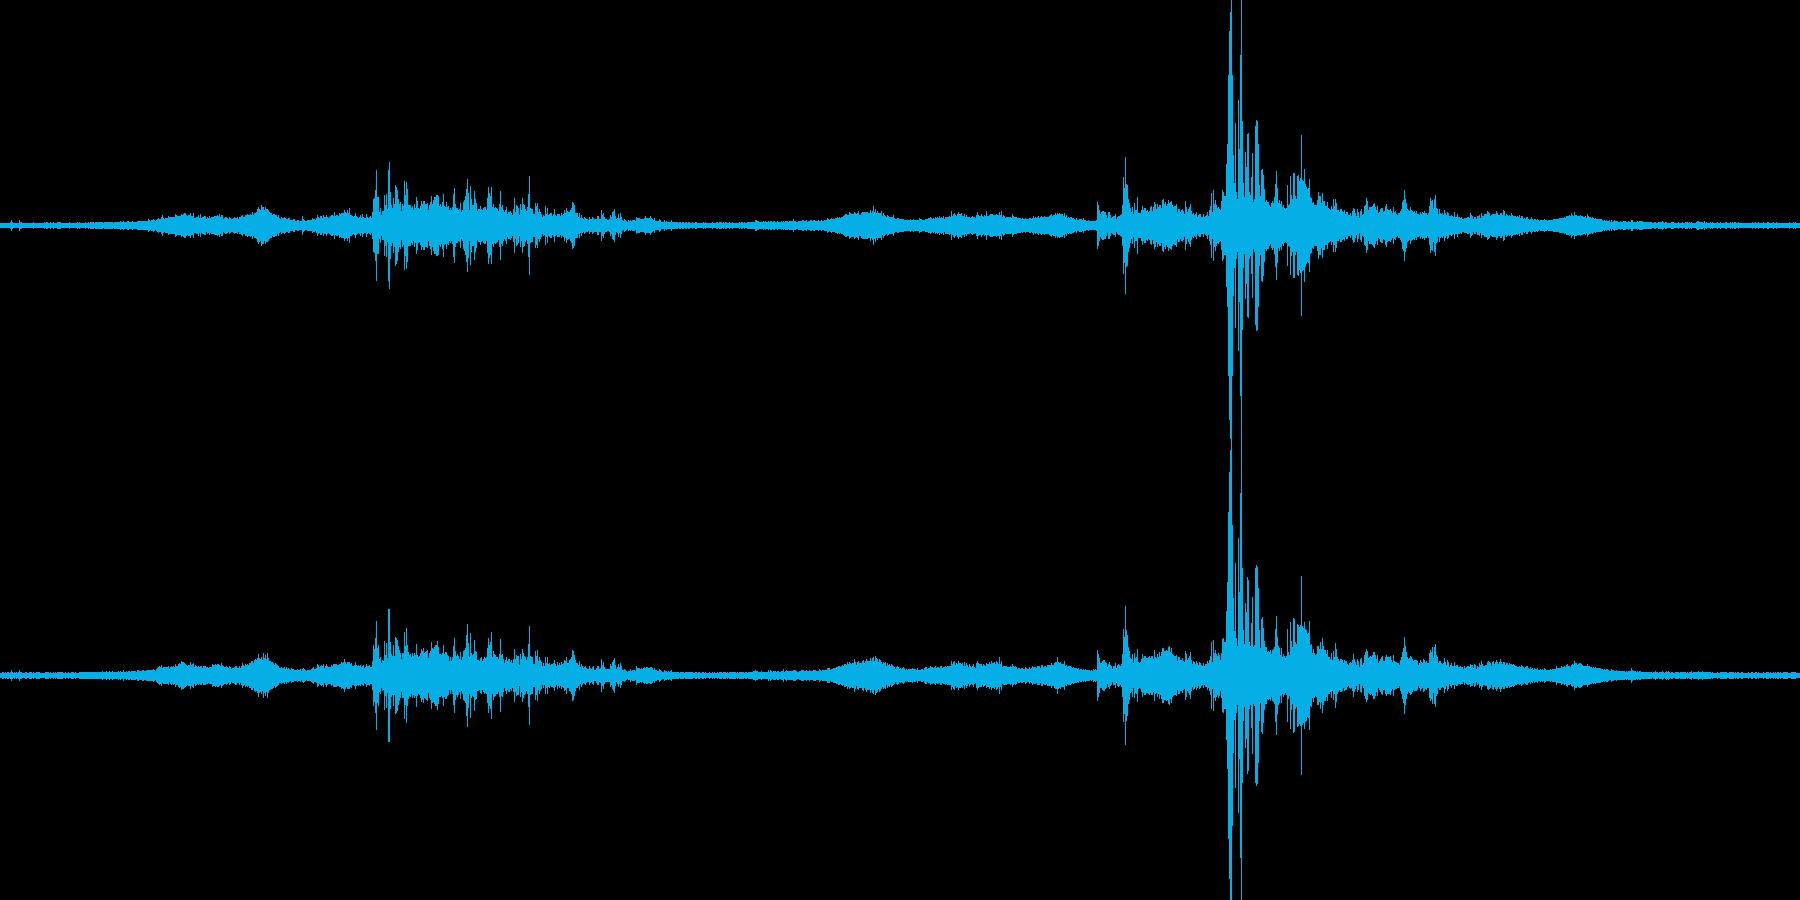 【生音】雷11 - 風と雷と通行音の再生済みの波形